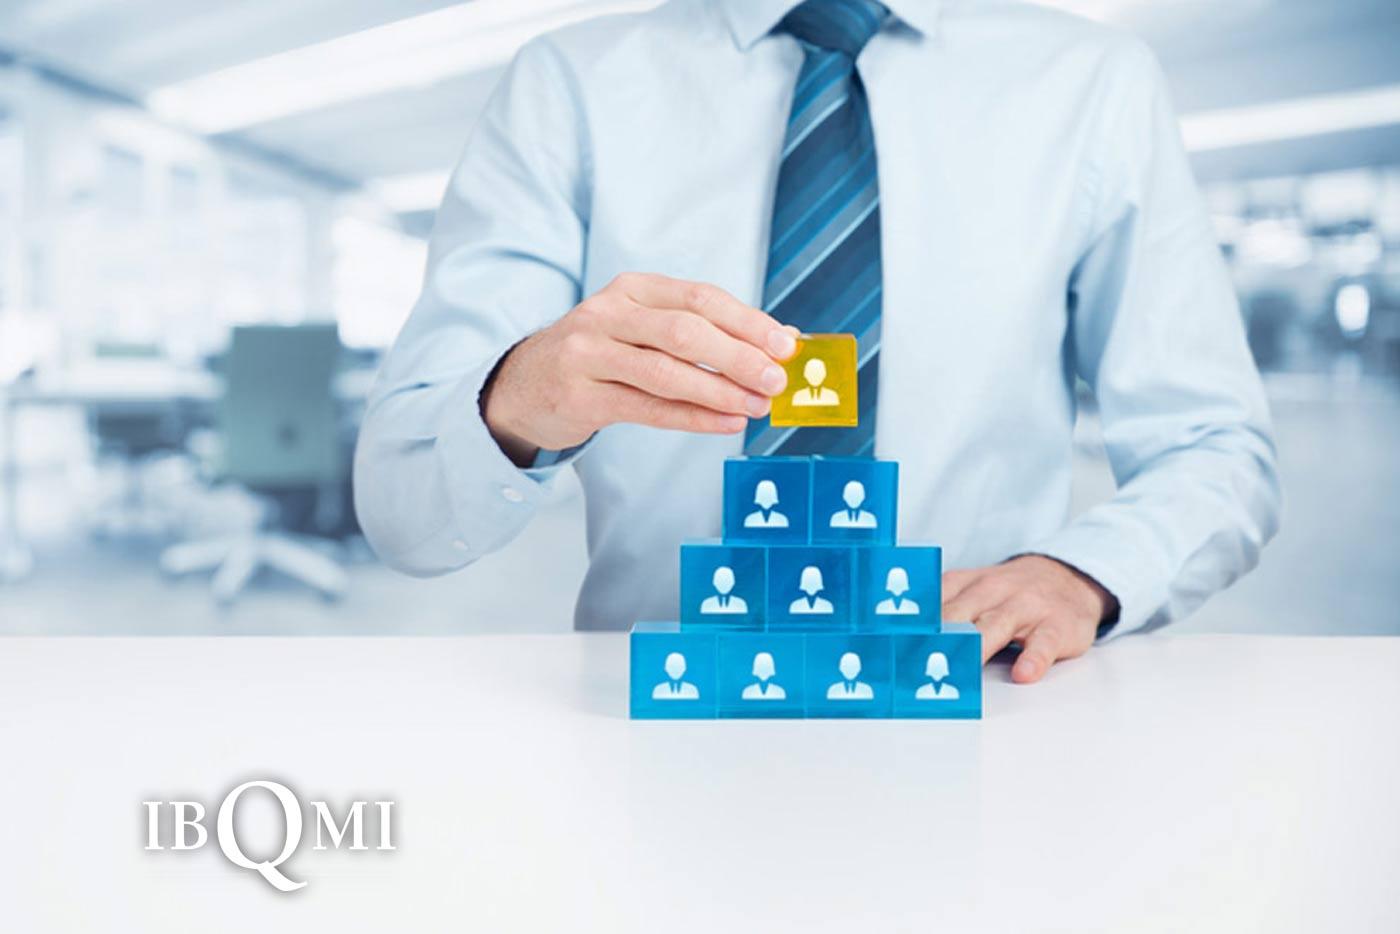 Team management success